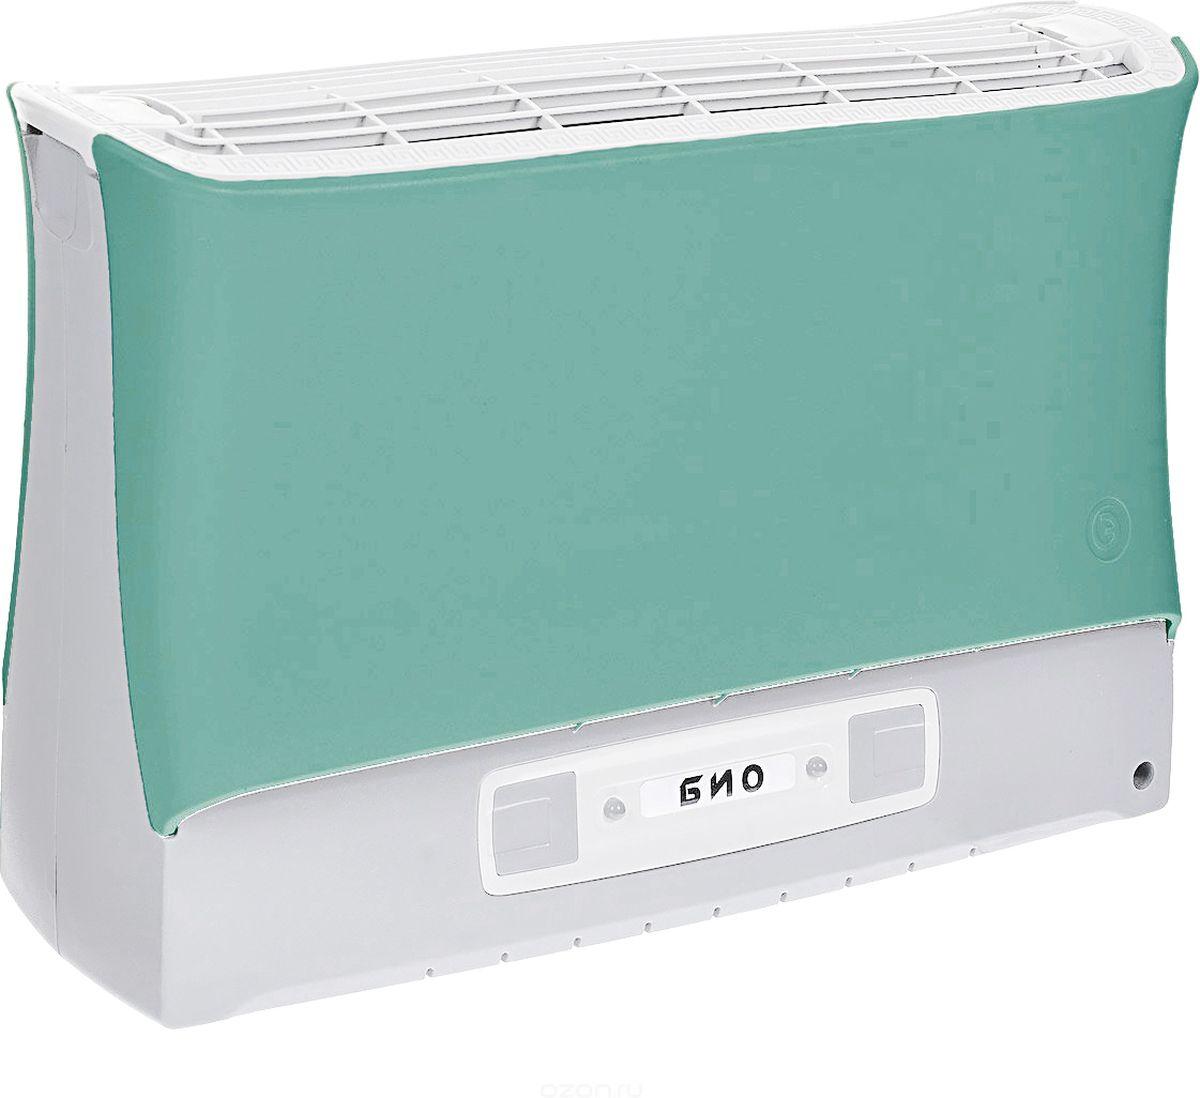 Супер Плюс Био очиститель воздуха, цвет зеленыйСупер-Плюс-Био зеленыйВоздухоочиститель Супер Плюс Био состоит из двух основных частей: корпуса, и кассеты. Кассета в прибор вставляется сверху и фиксируется защелками. На передней части прибора расположена панель управления прибором. Рекомендуемое рабочее положение прибора - вертикальное. Работа прибора основана на принципе ионного ветра, который возникает в результате коронного разряда и обеспечивает движение потока воздуха через кассету прибора, при этом частицы аэрозоля (пыль, дым, микроорганизмы), загрязняющие воздух, всасываются вместе с воздухом в кассету приобретая электрический заряд и под действием электростатического поля прилипают к осадительным пластинам, расположенным внутри кассеты. Воздух, проходящий через кассету, дополнительно обрабатывается озоном, образующимся в зоне коронного разряда, его количество заметно меньше предельно допустимой концентрации, но все же достаточно для того, чтобы в помещении, в котором работает прибор, уничтожались неприятные...